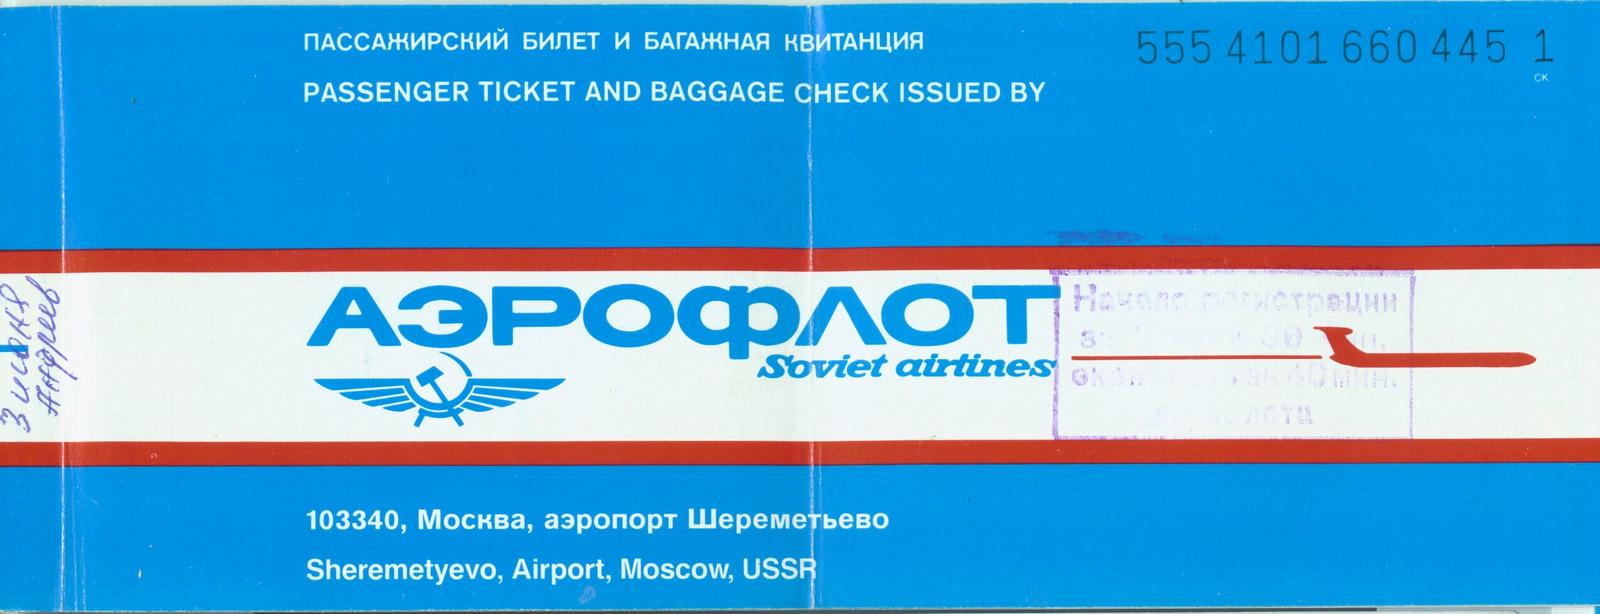 1986-06-03. Обложка авиабилета. Титул.